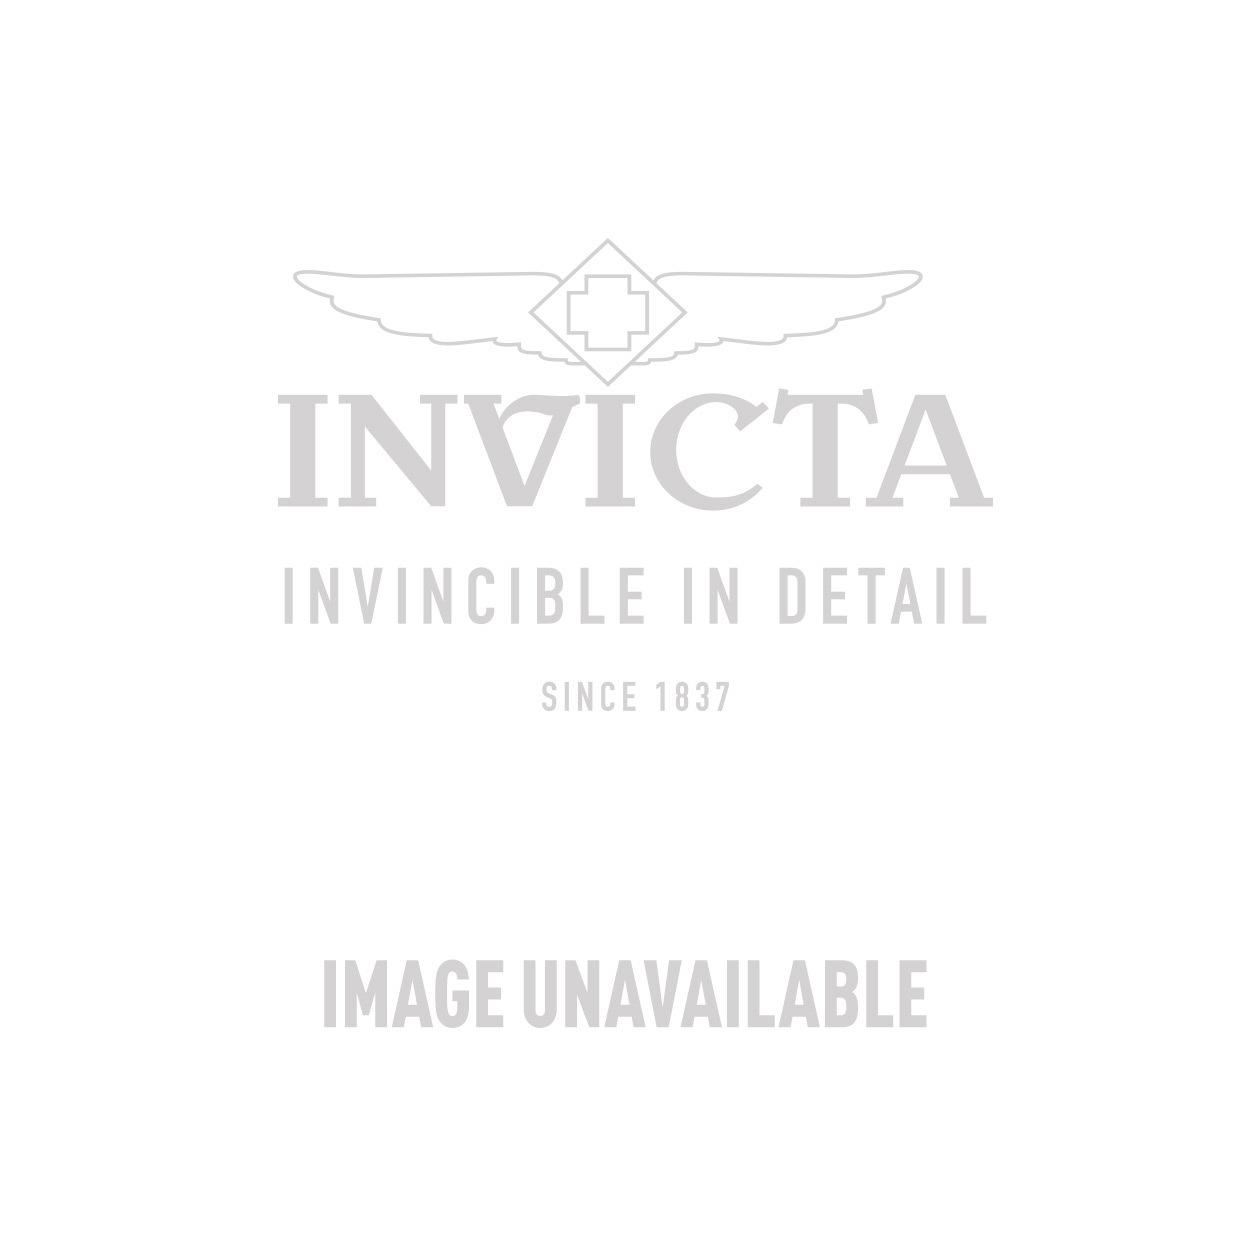 Invicta Model 27616